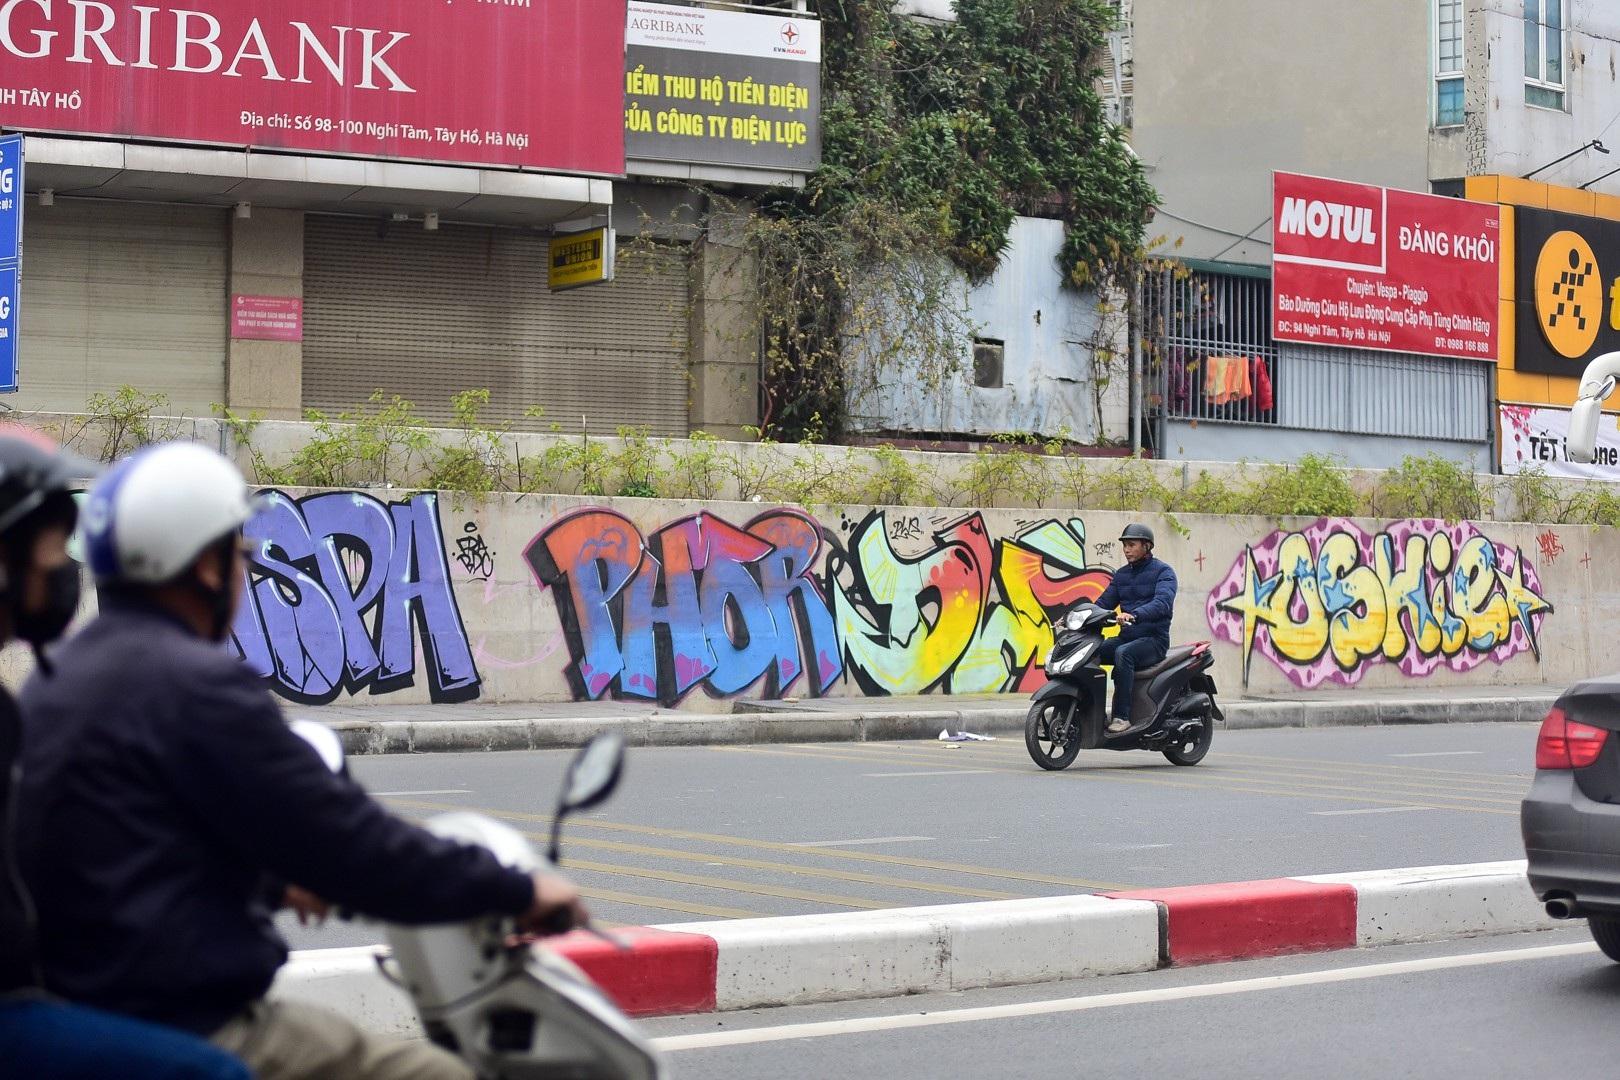 Vẽ graffiti kín tuyến đường tiền tỷ mới mở rộng ở Hà Nội - Ảnh 9.